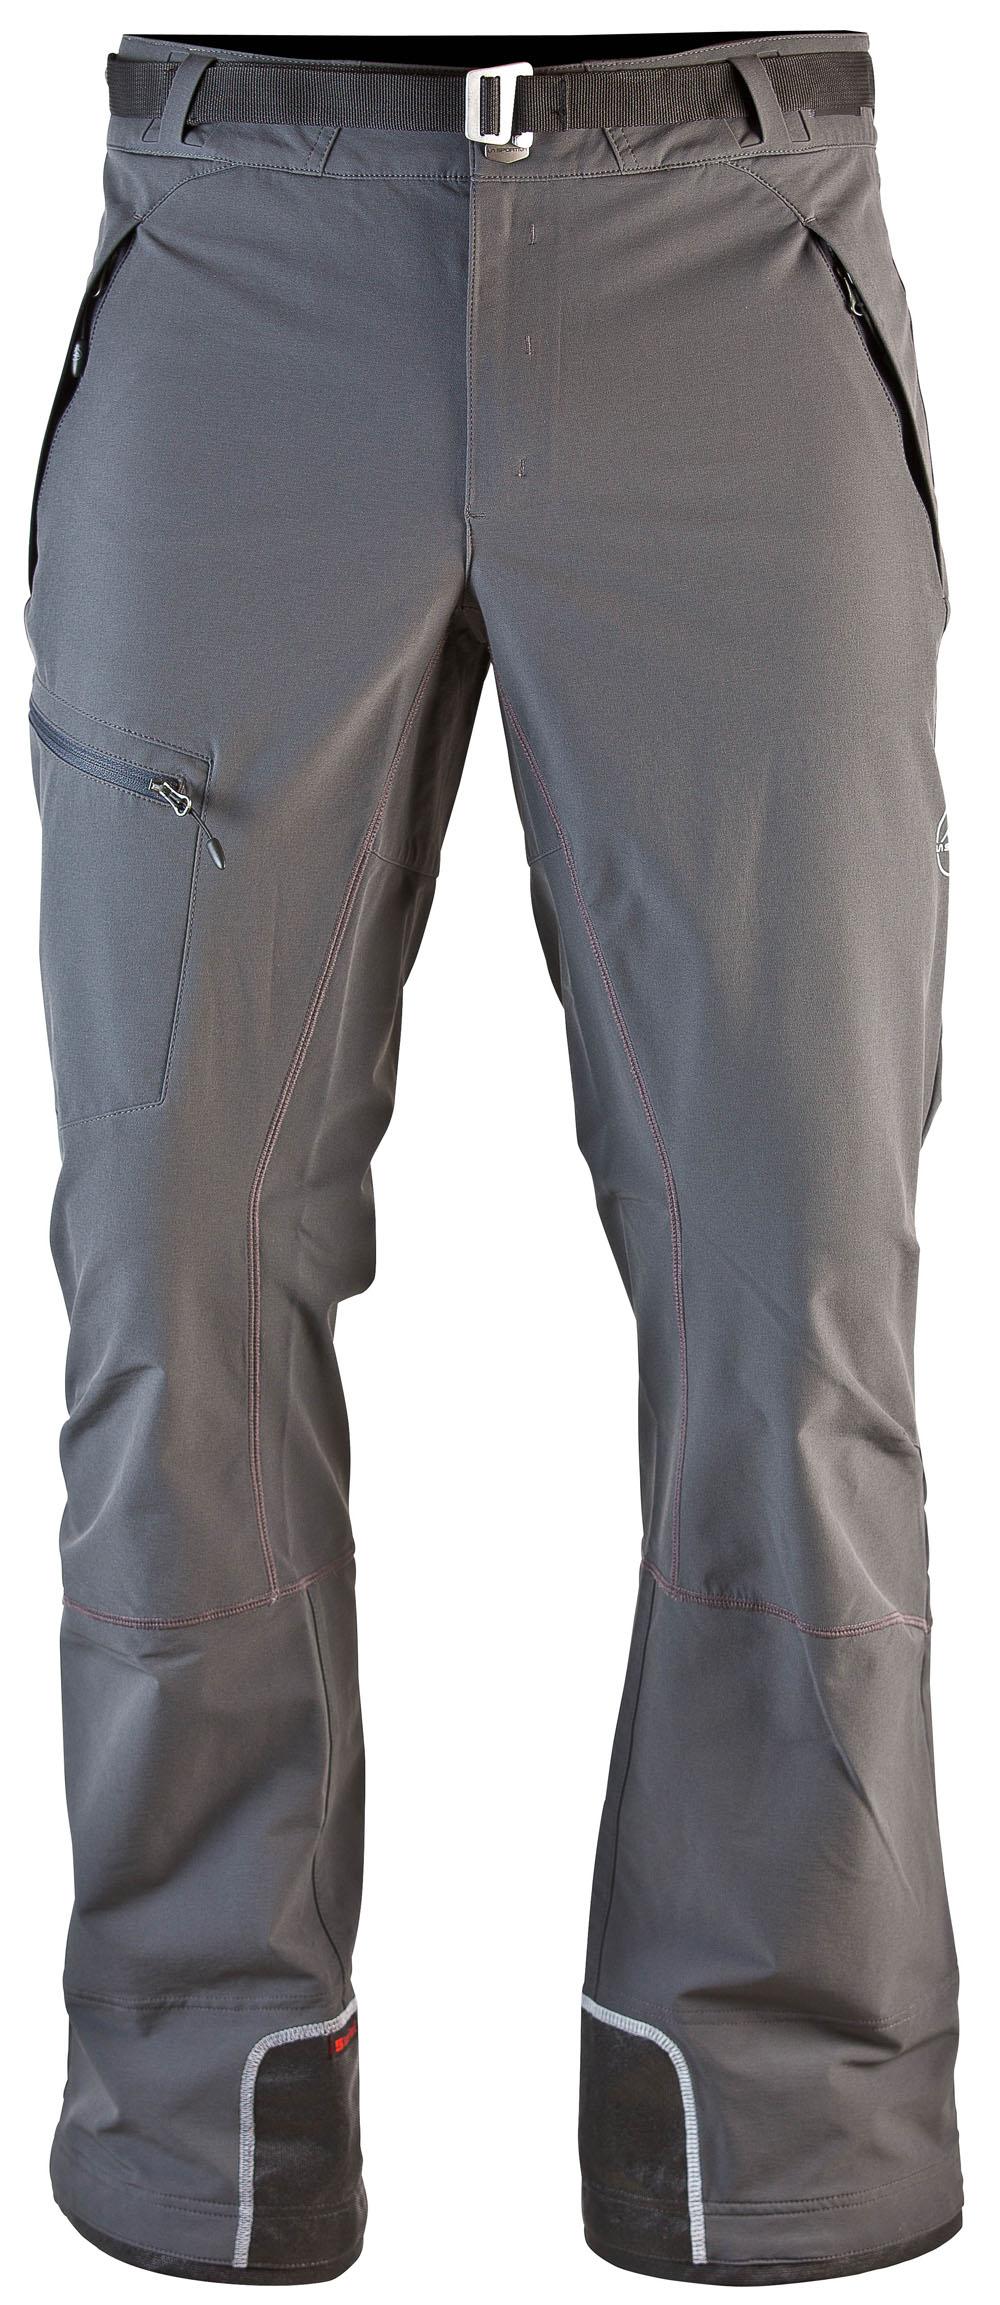 Брюки Trango Pant M Grey, B50GR - артикул: 315060346